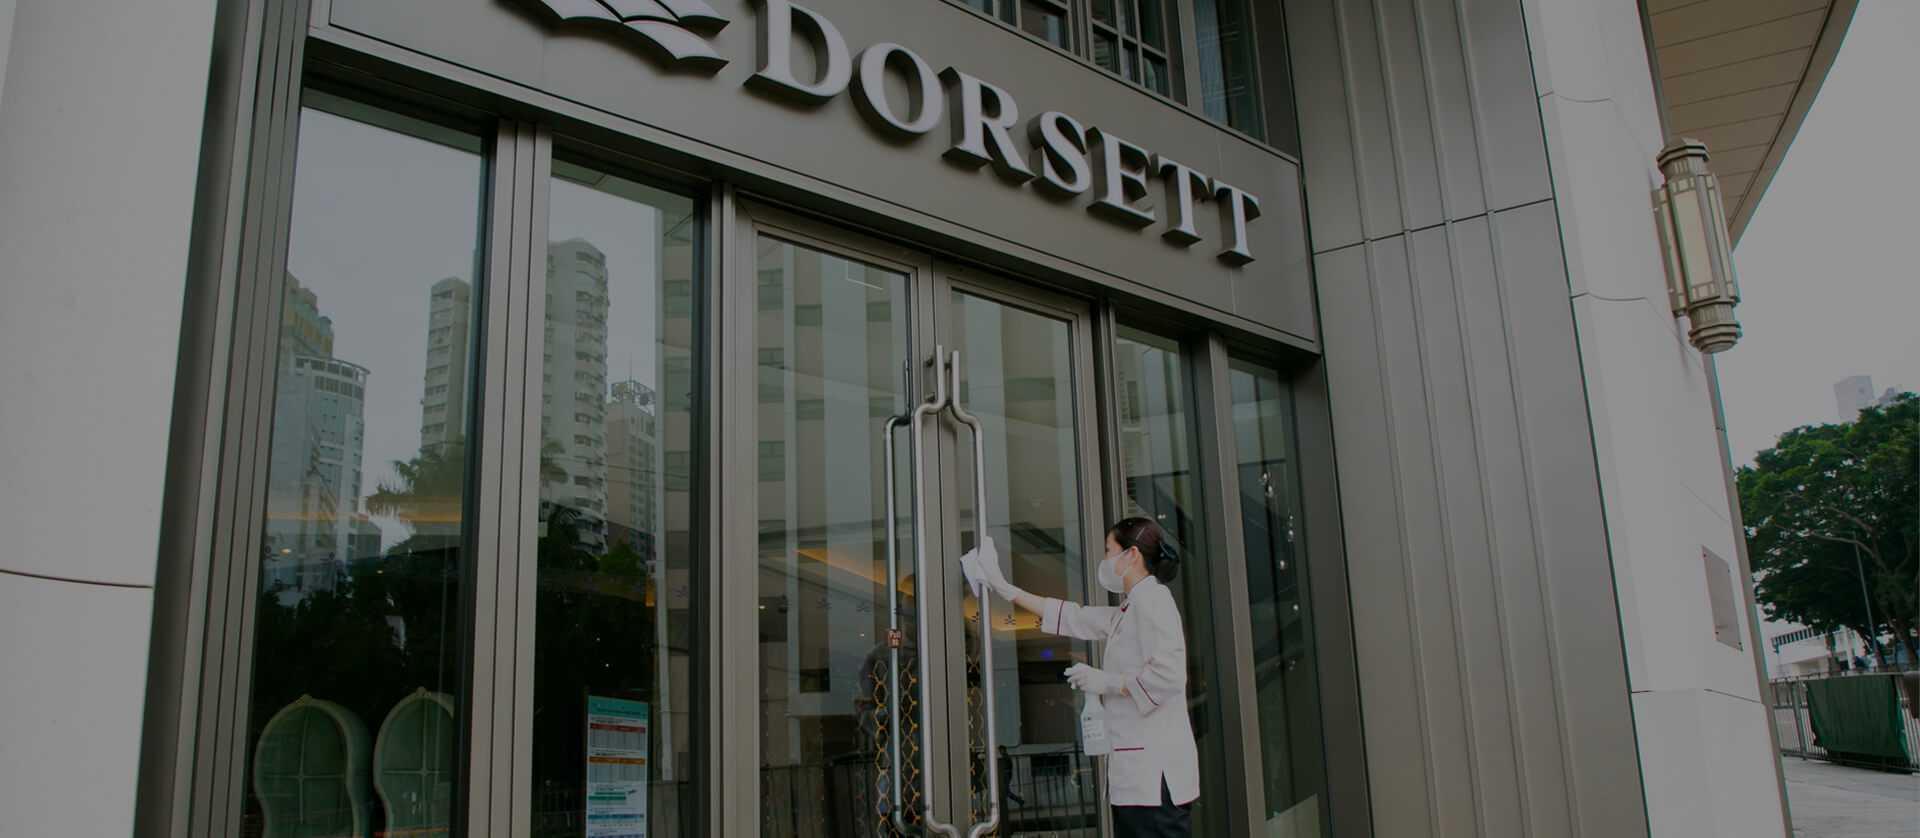 Dorsett Wanchai - DorsettCares Promise